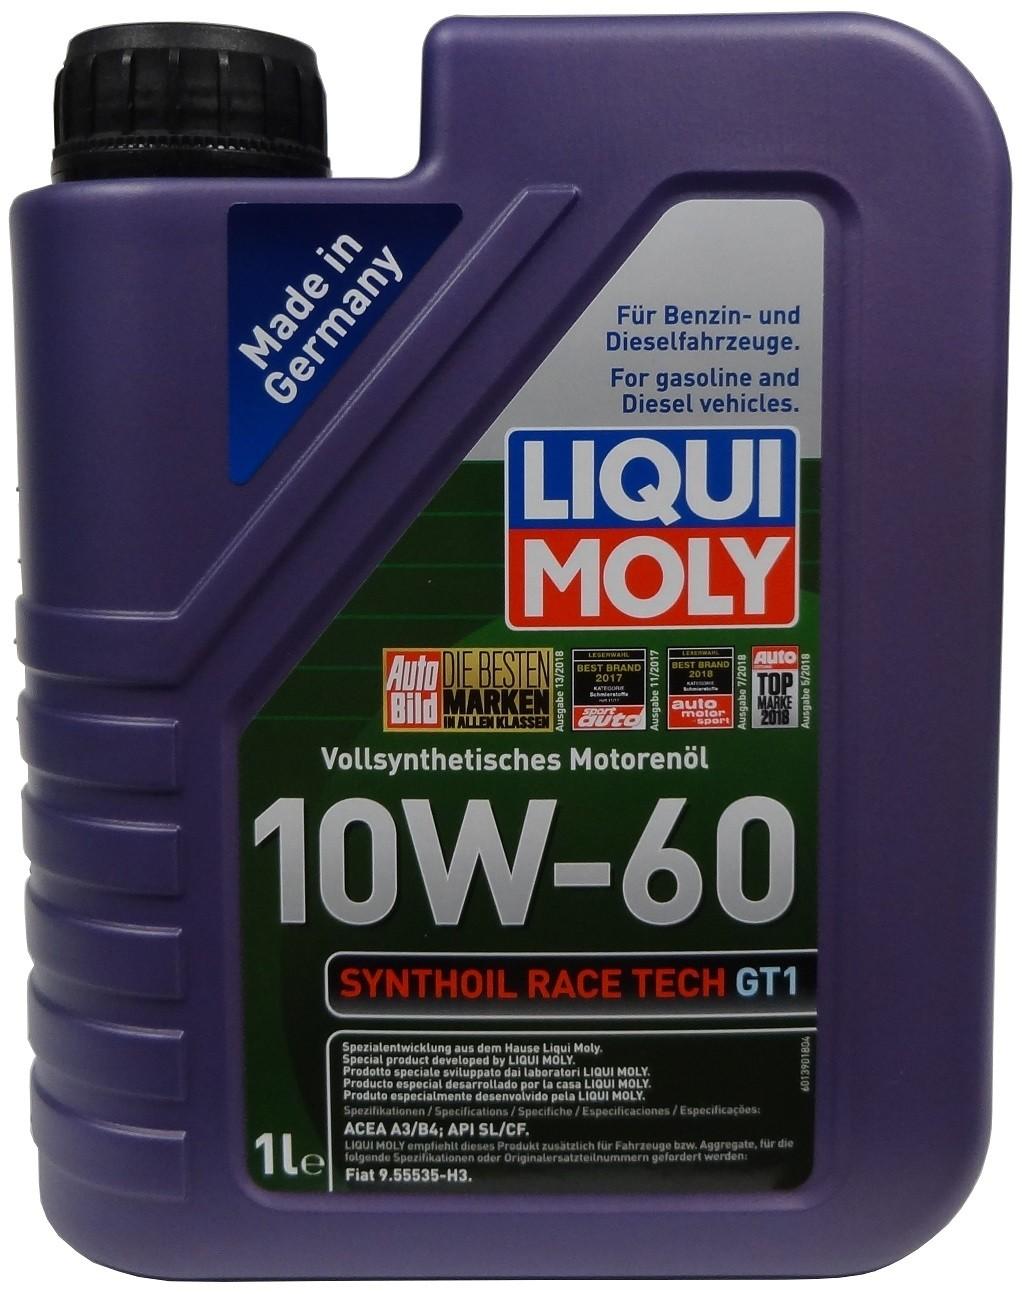 LIQUI MOLY SYNTHOIL RACE TECH GT1 10W-60 1L